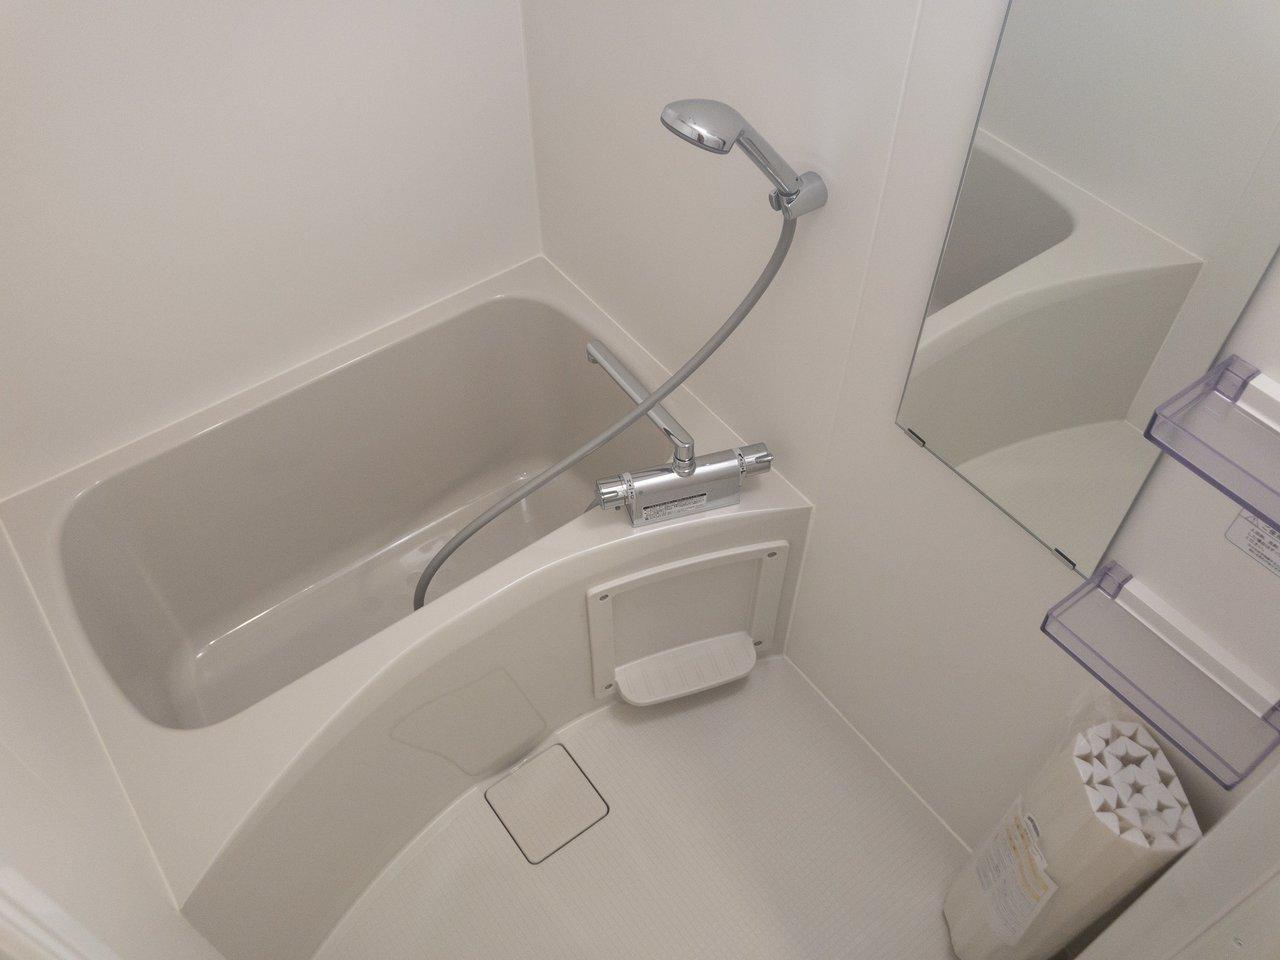 お風呂はゆったり、バストイレ別です。ベランダがない分、浴室乾燥機があるので、洗濯物はこちらで干しましょう。